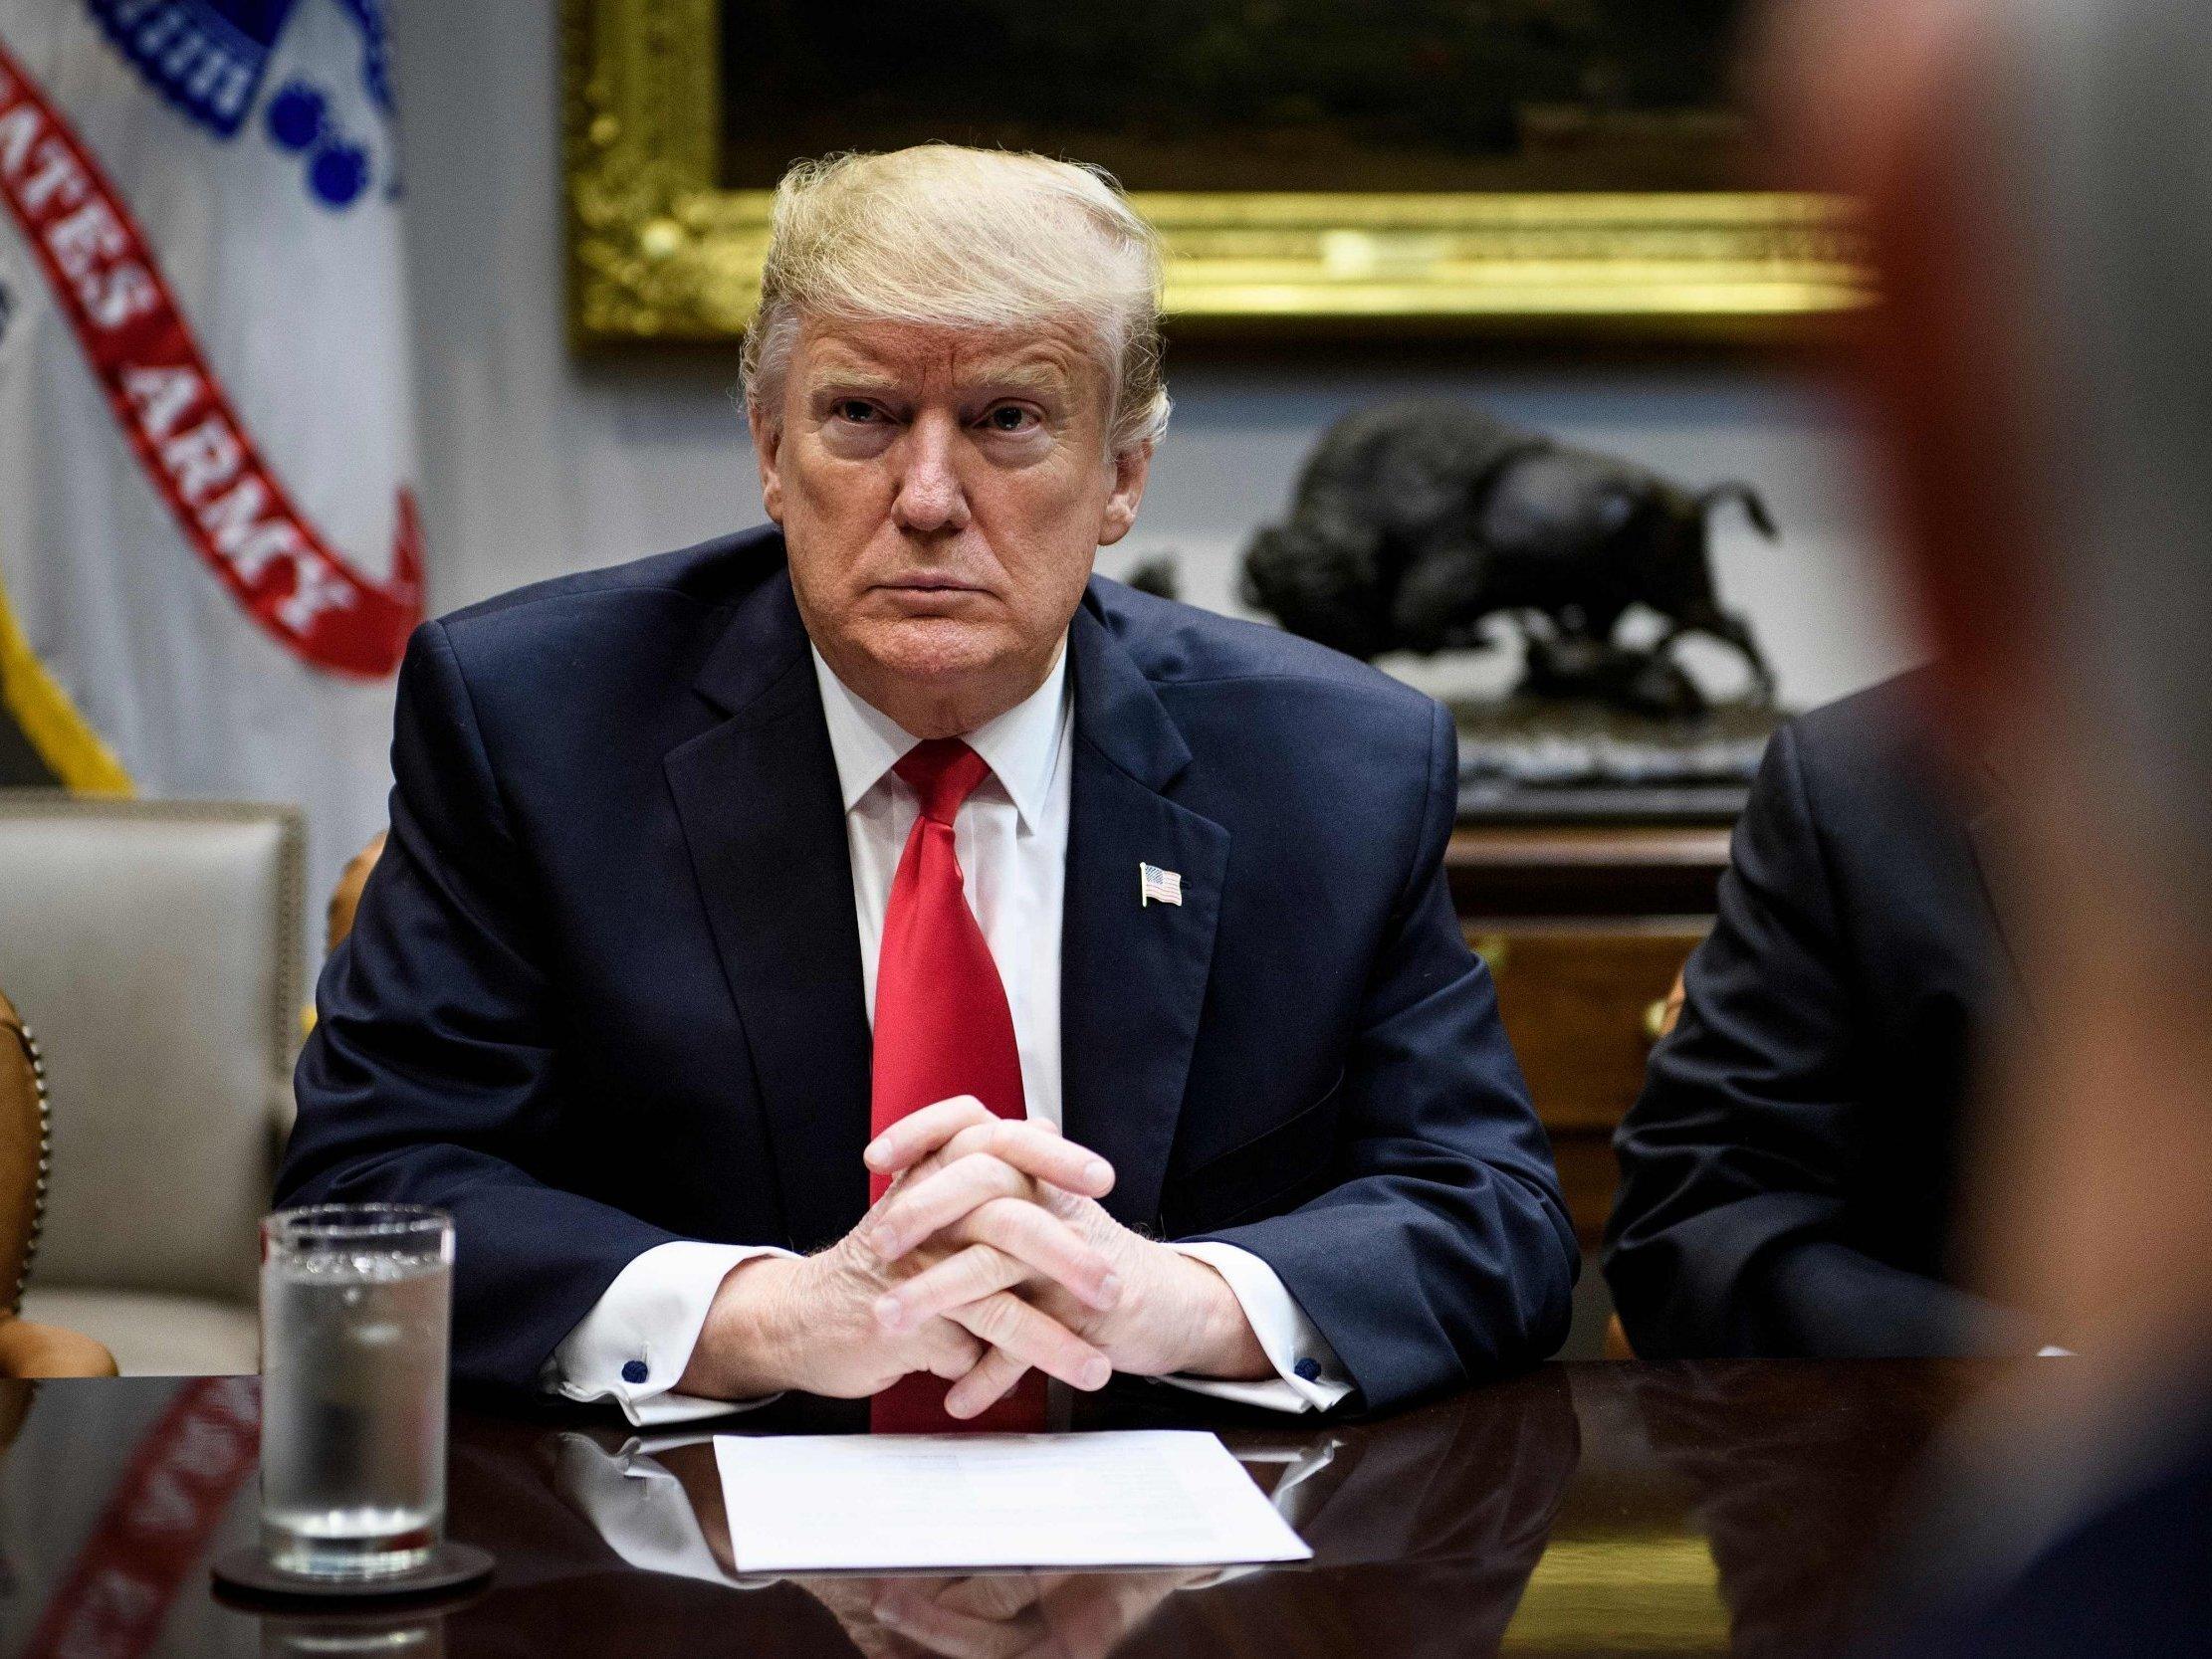 ABD Temsilciler Meclisi üyesinden Trumpın damadına Kaşıkçı suçlaması 82